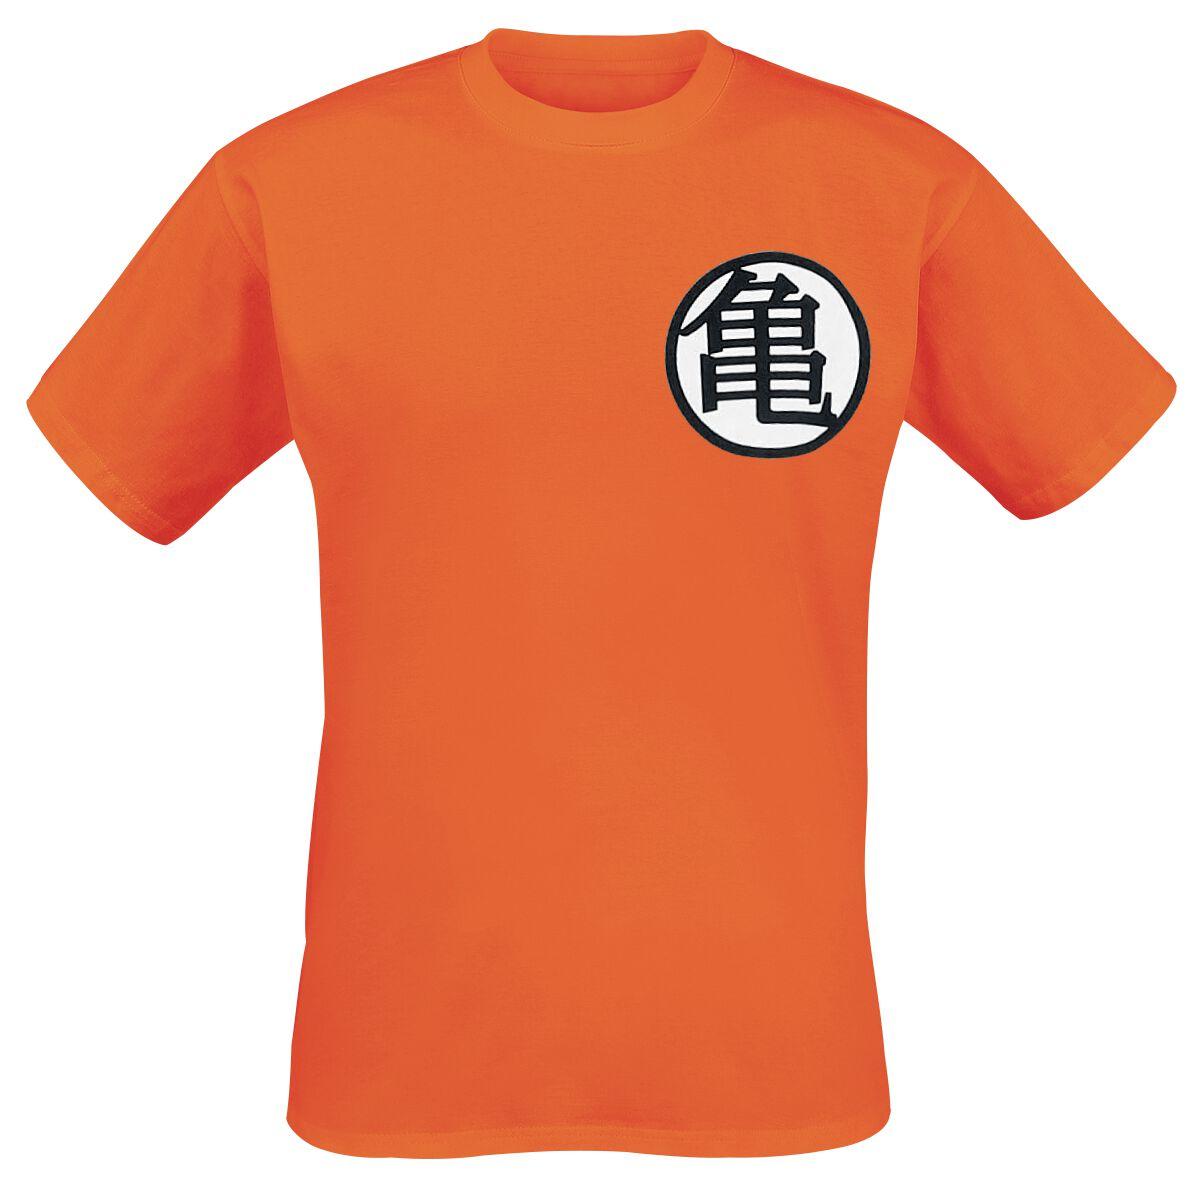 Merch dla Fanów - Koszulki - T-Shirt Dragon Ball Z - Symbols T-Shirt pomarańczowy - 324110